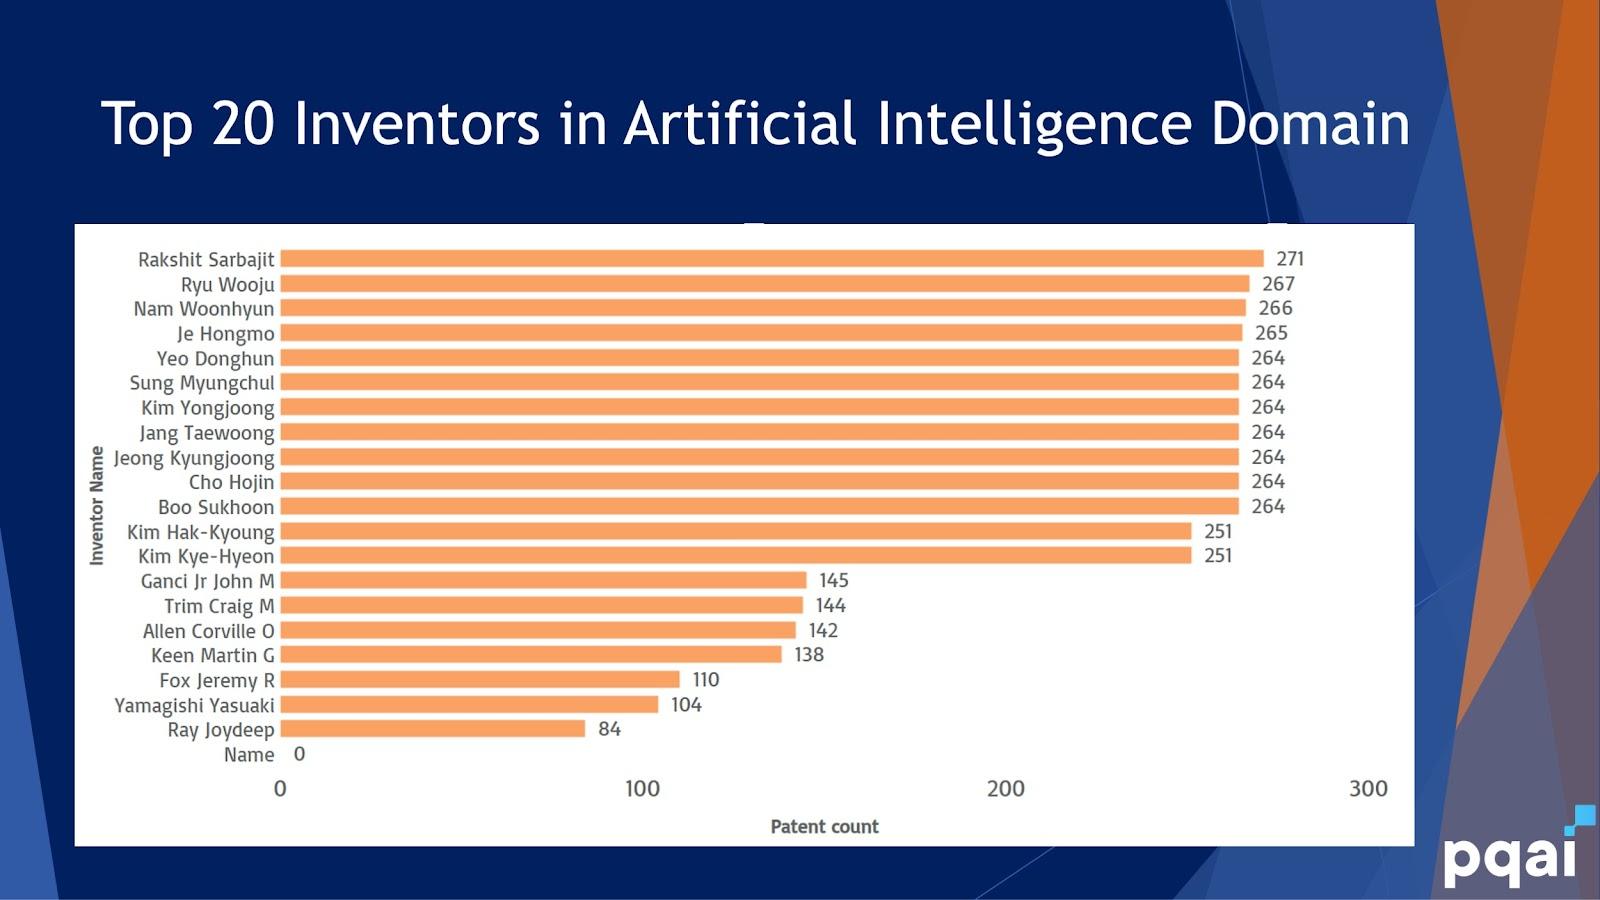 Top 20 AI inventors